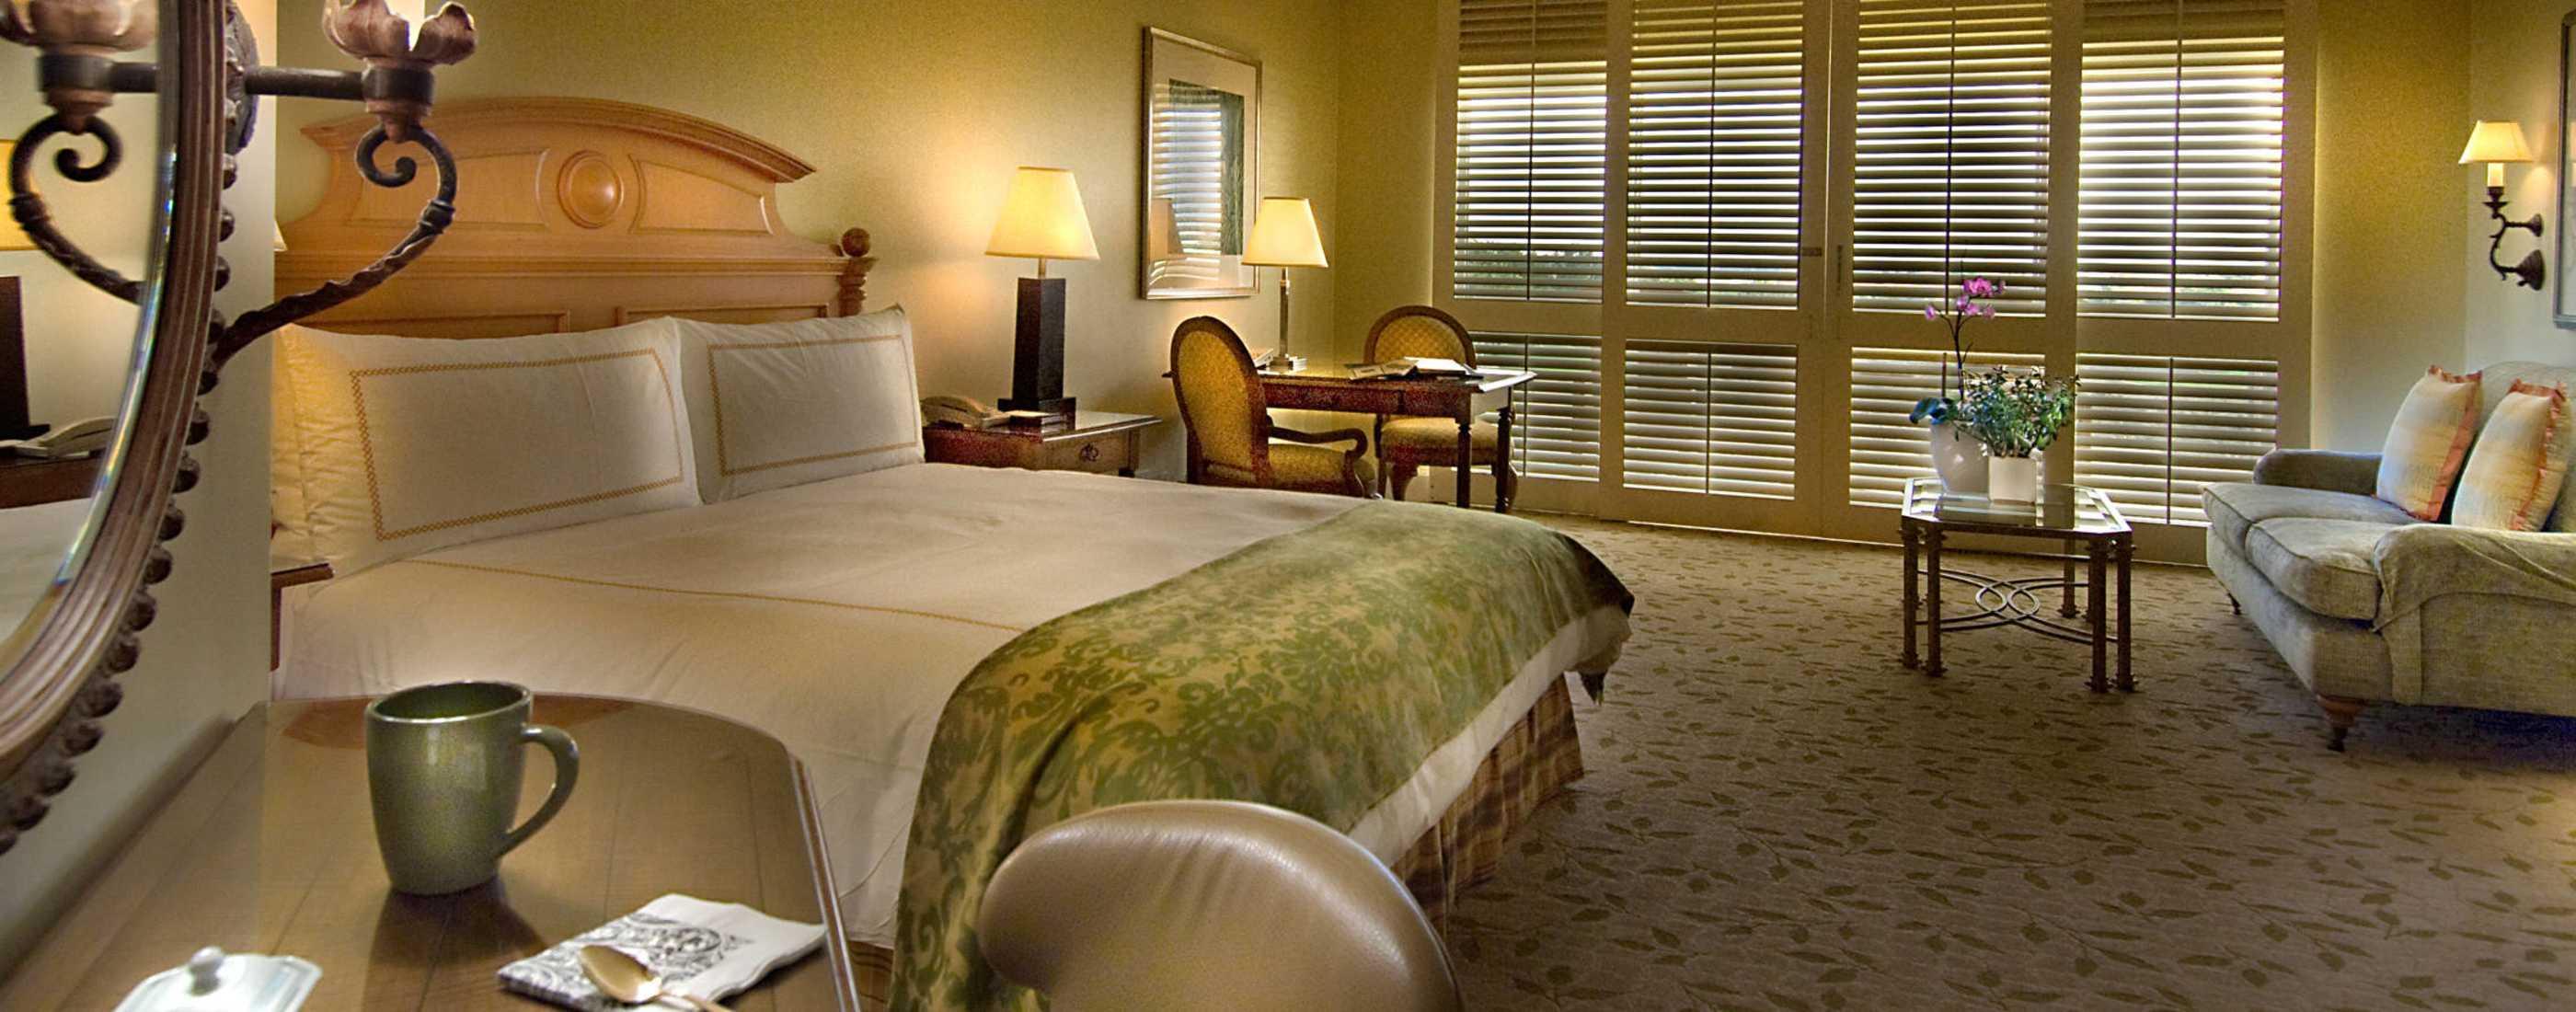 Hotels In Las Colinas